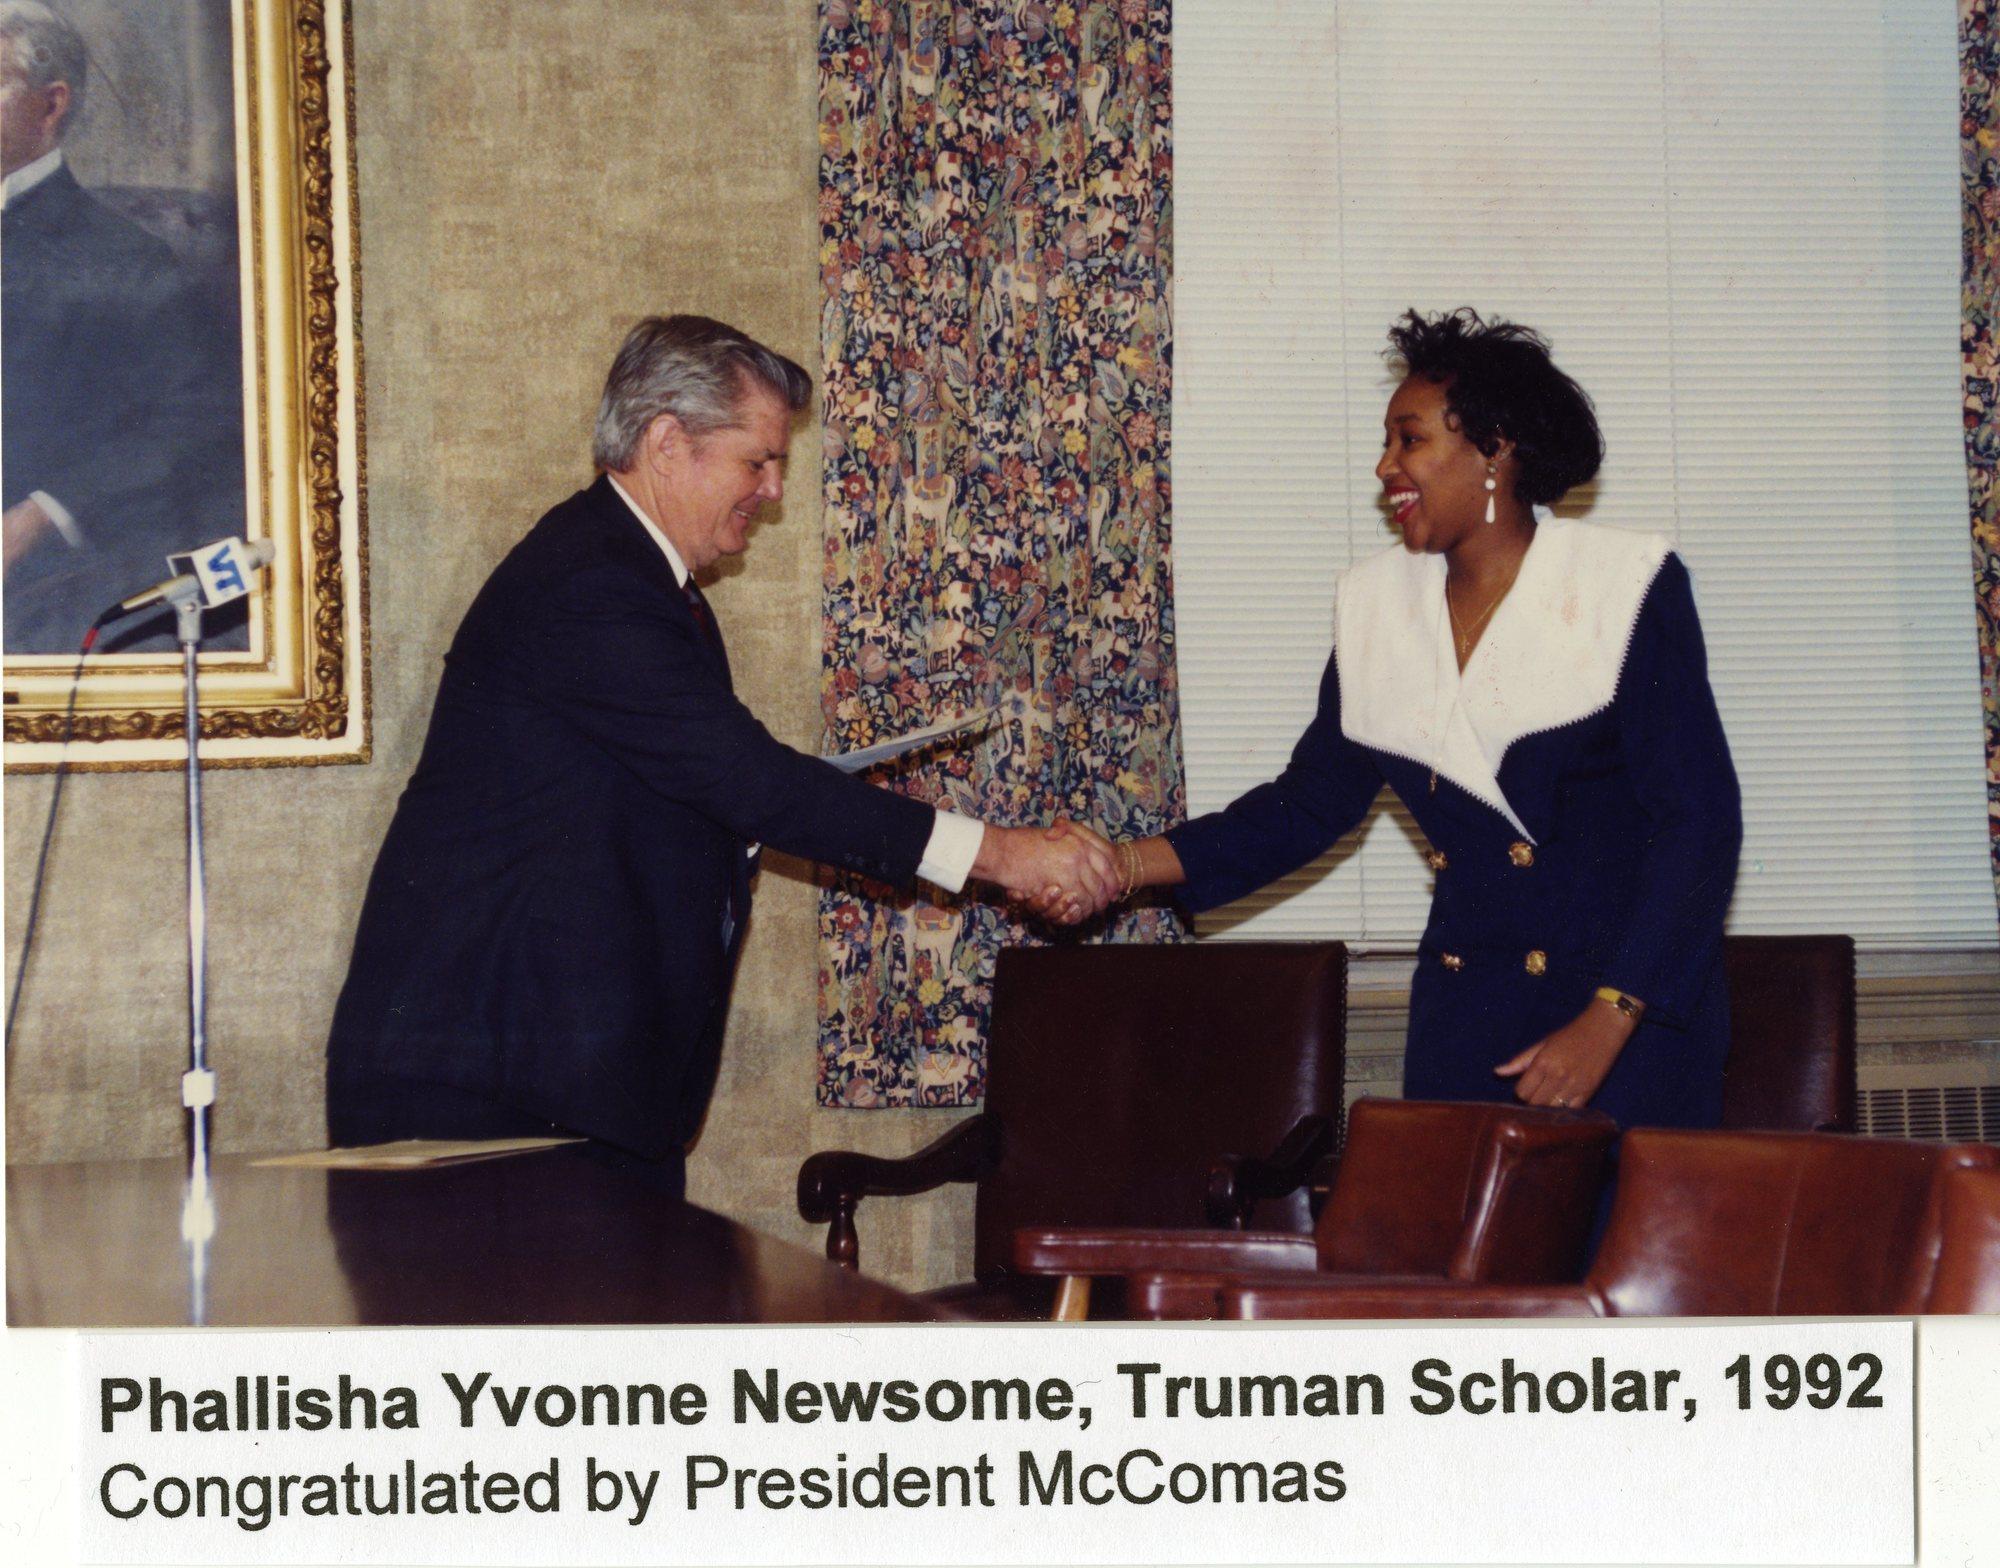 http://spec.lib.vt.edu/pickup/Omeka_upload/NewsomePhallishaYvonne_1992.jpg